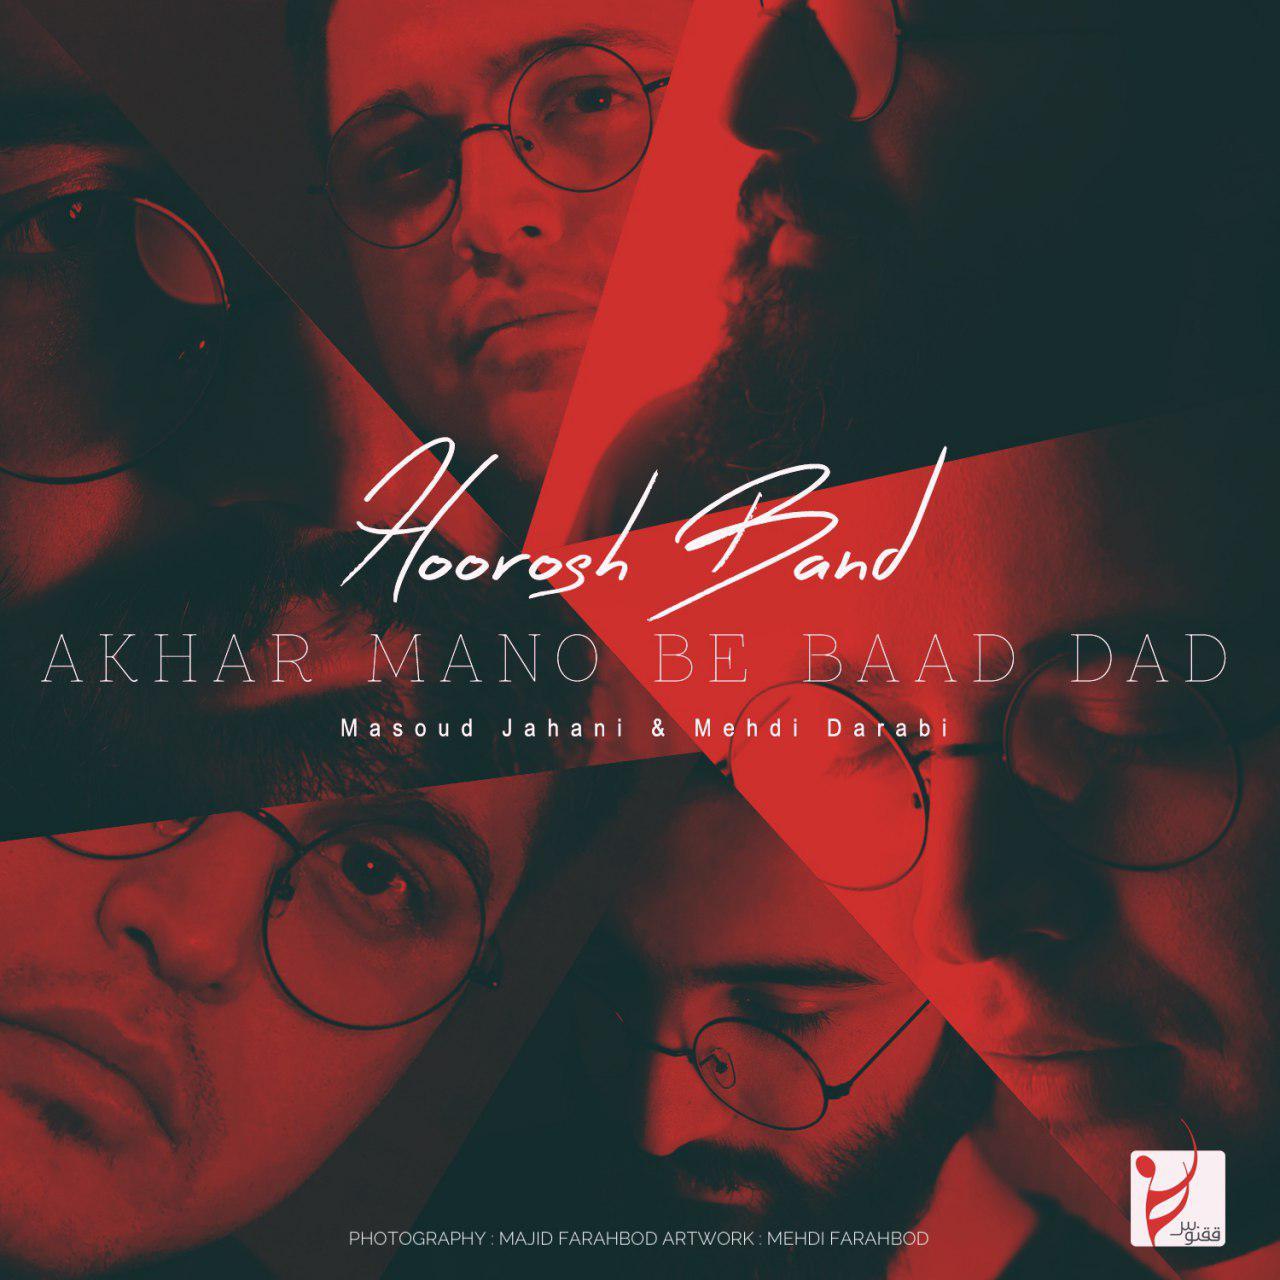 Hoorosh Band Akhar Mano Be Baad Dad - دانلود آهنگ هوروش بند به نام آخر منو به باد داد